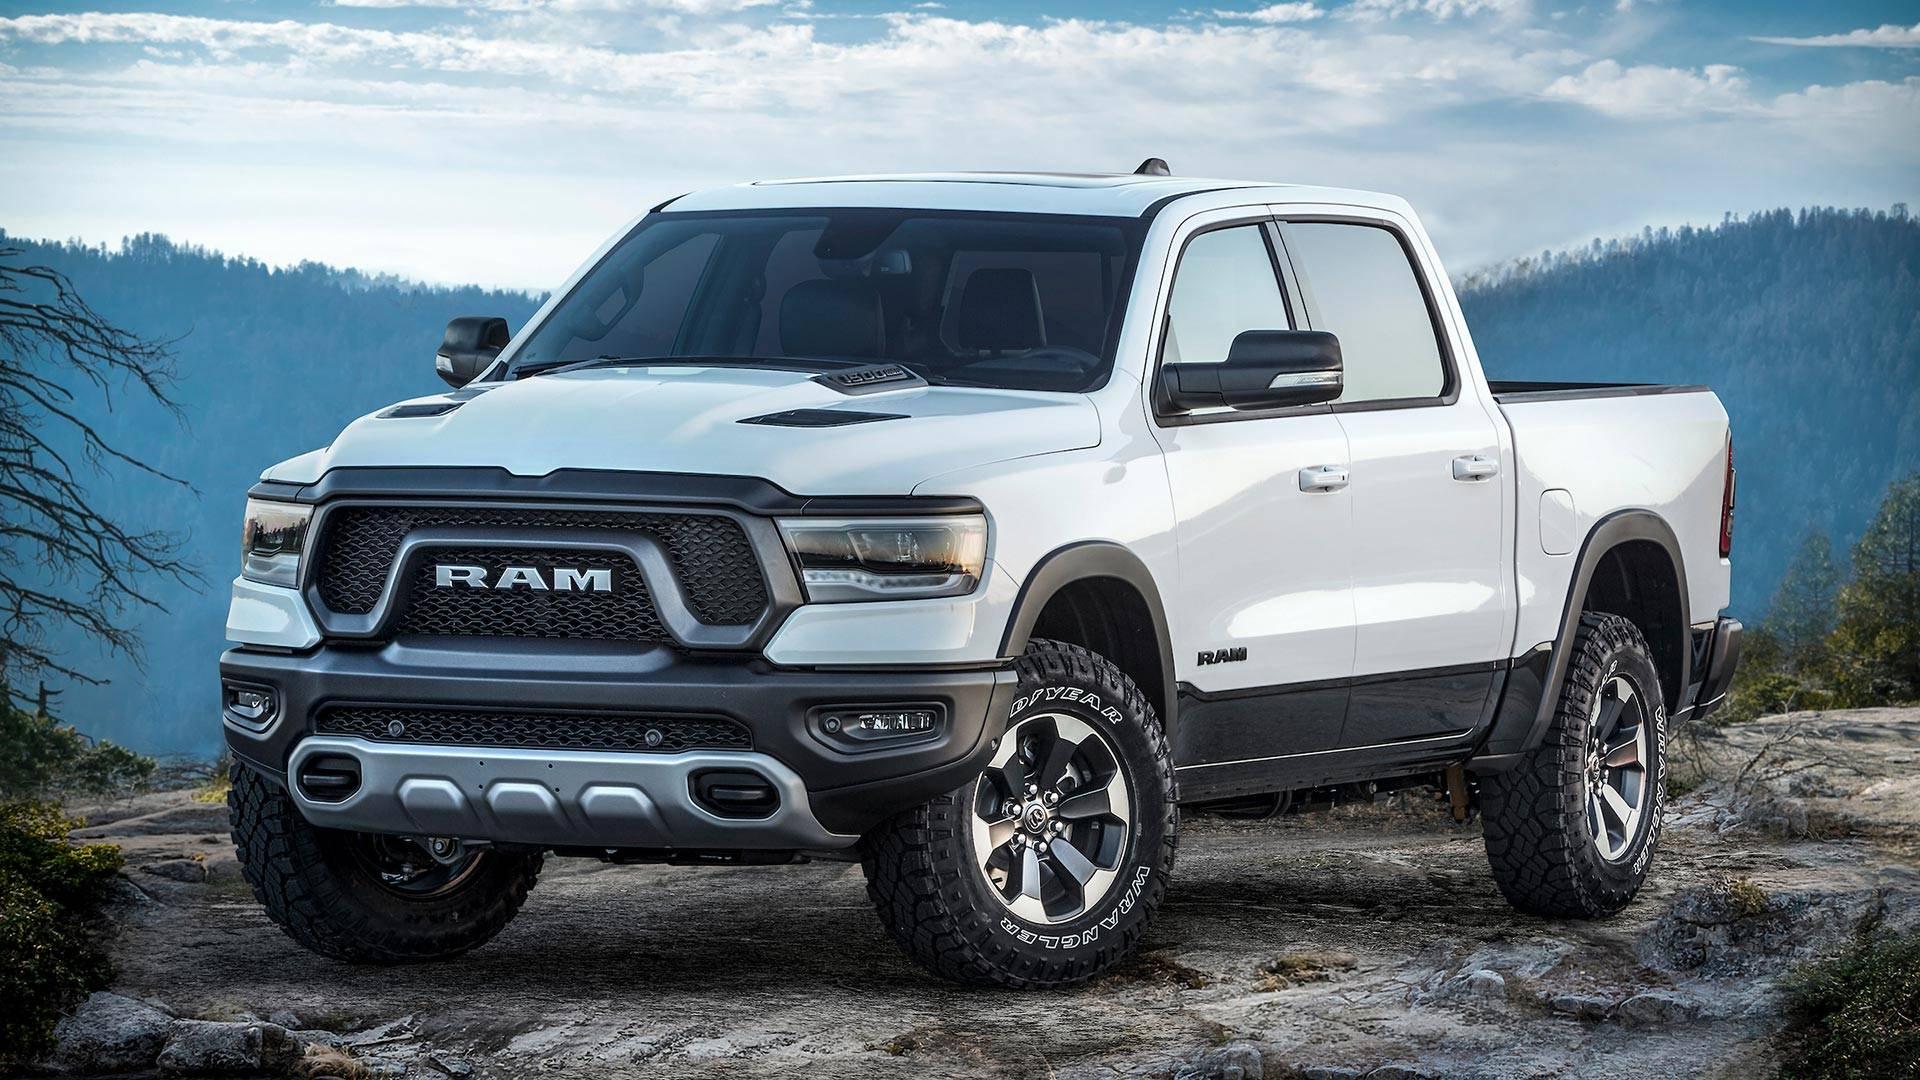 Ram Rebel TR Expected With 7.0-liter Banshee V8 Engine ...